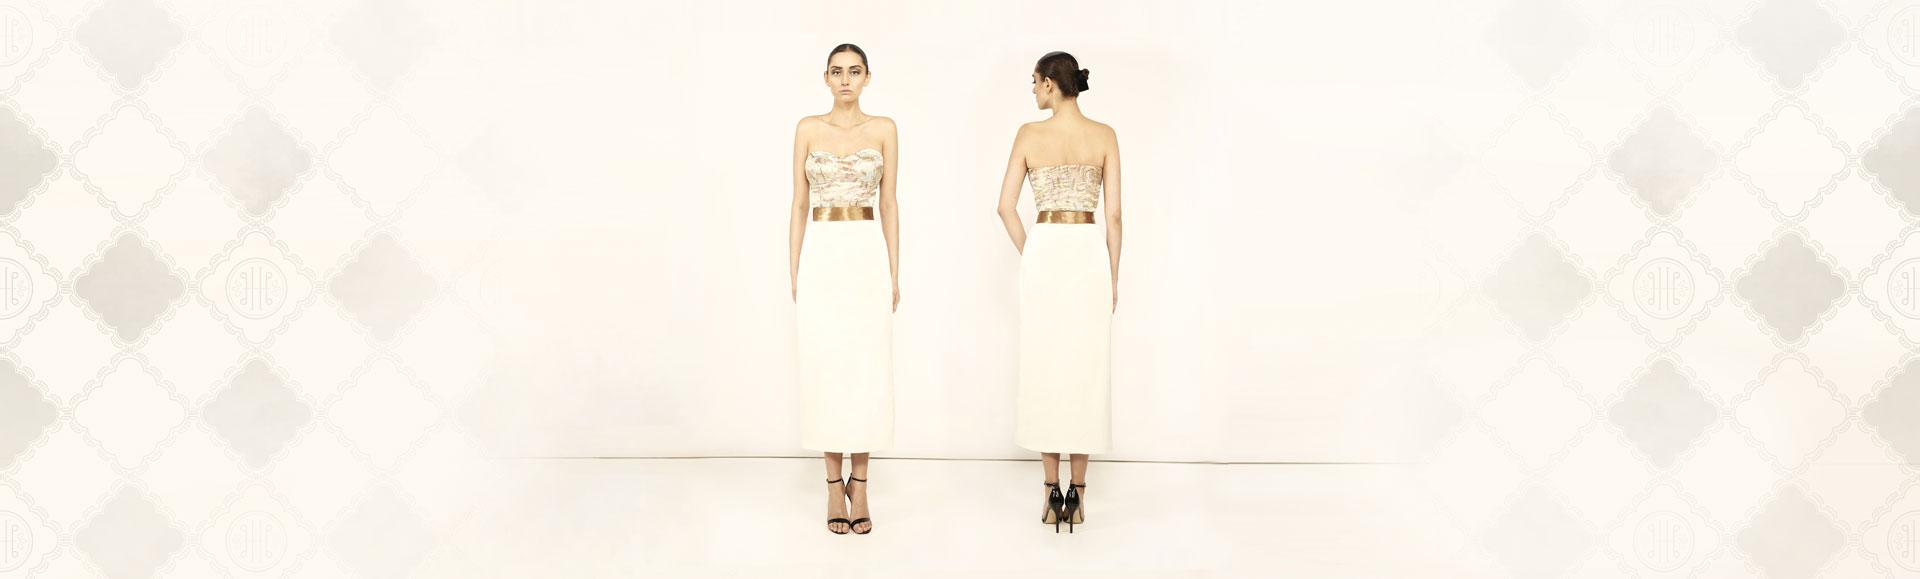 0black-ballerina-dress-1-web.jpg